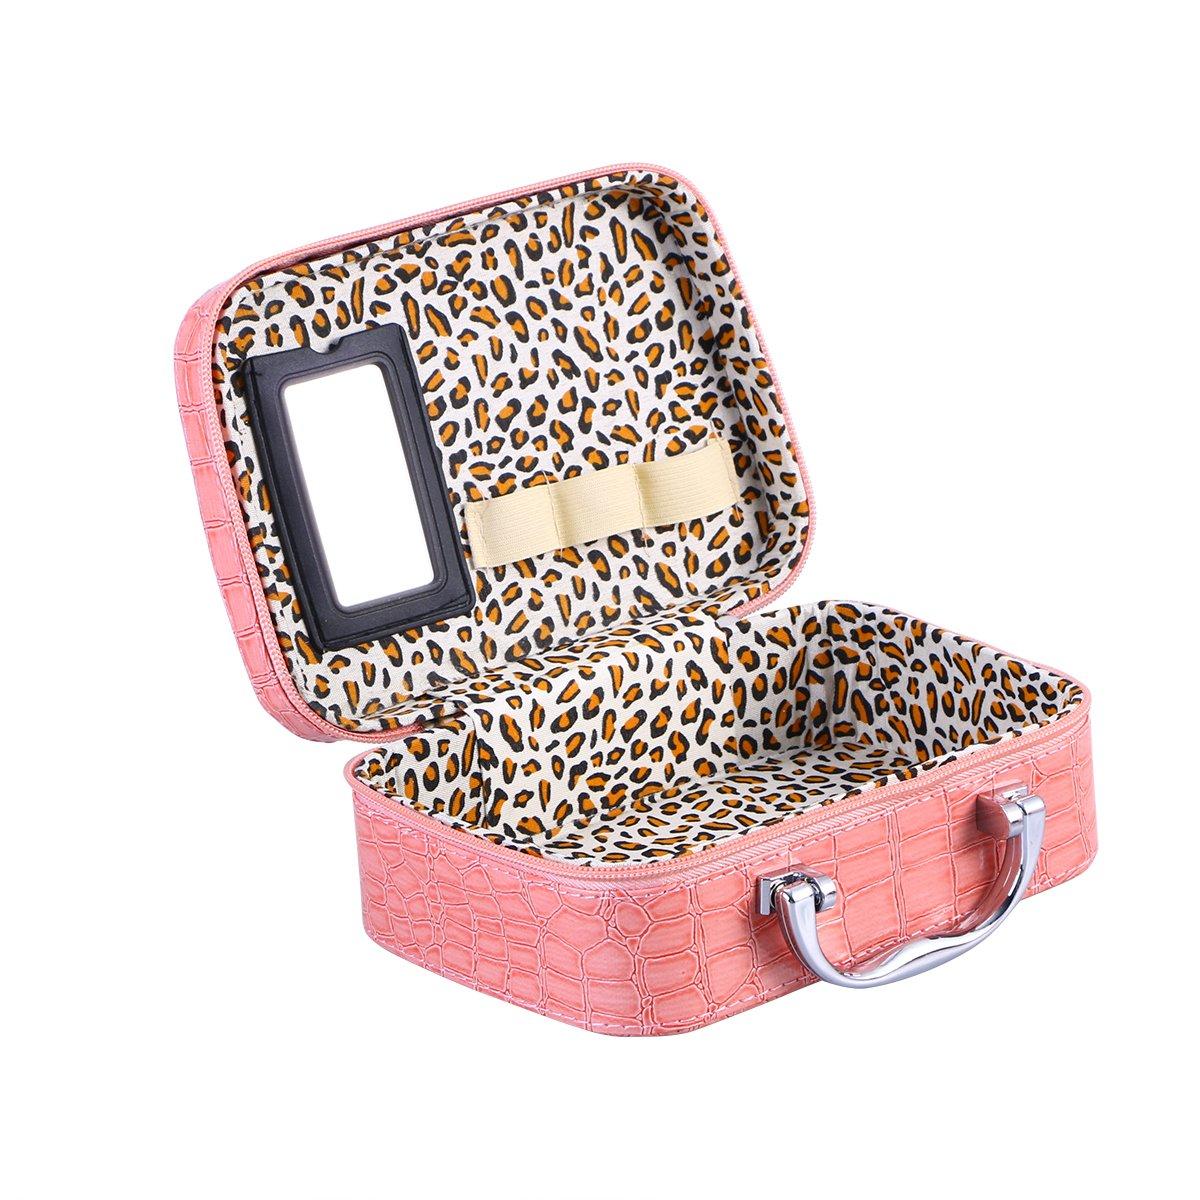 当店在庫してます! ounonaレディースSquareメイクアップバッグTravel ピンク Cosmeticコスメティックバッグケースホルダーオーガナイザー(ブラック) B07B75SW5F Pink ピンク 2601266-5765-2307144911 Pink B07B75SW5F ピンク, 靴のオフサイド:b9dd6fe0 --- teste.bsicapital.com.br